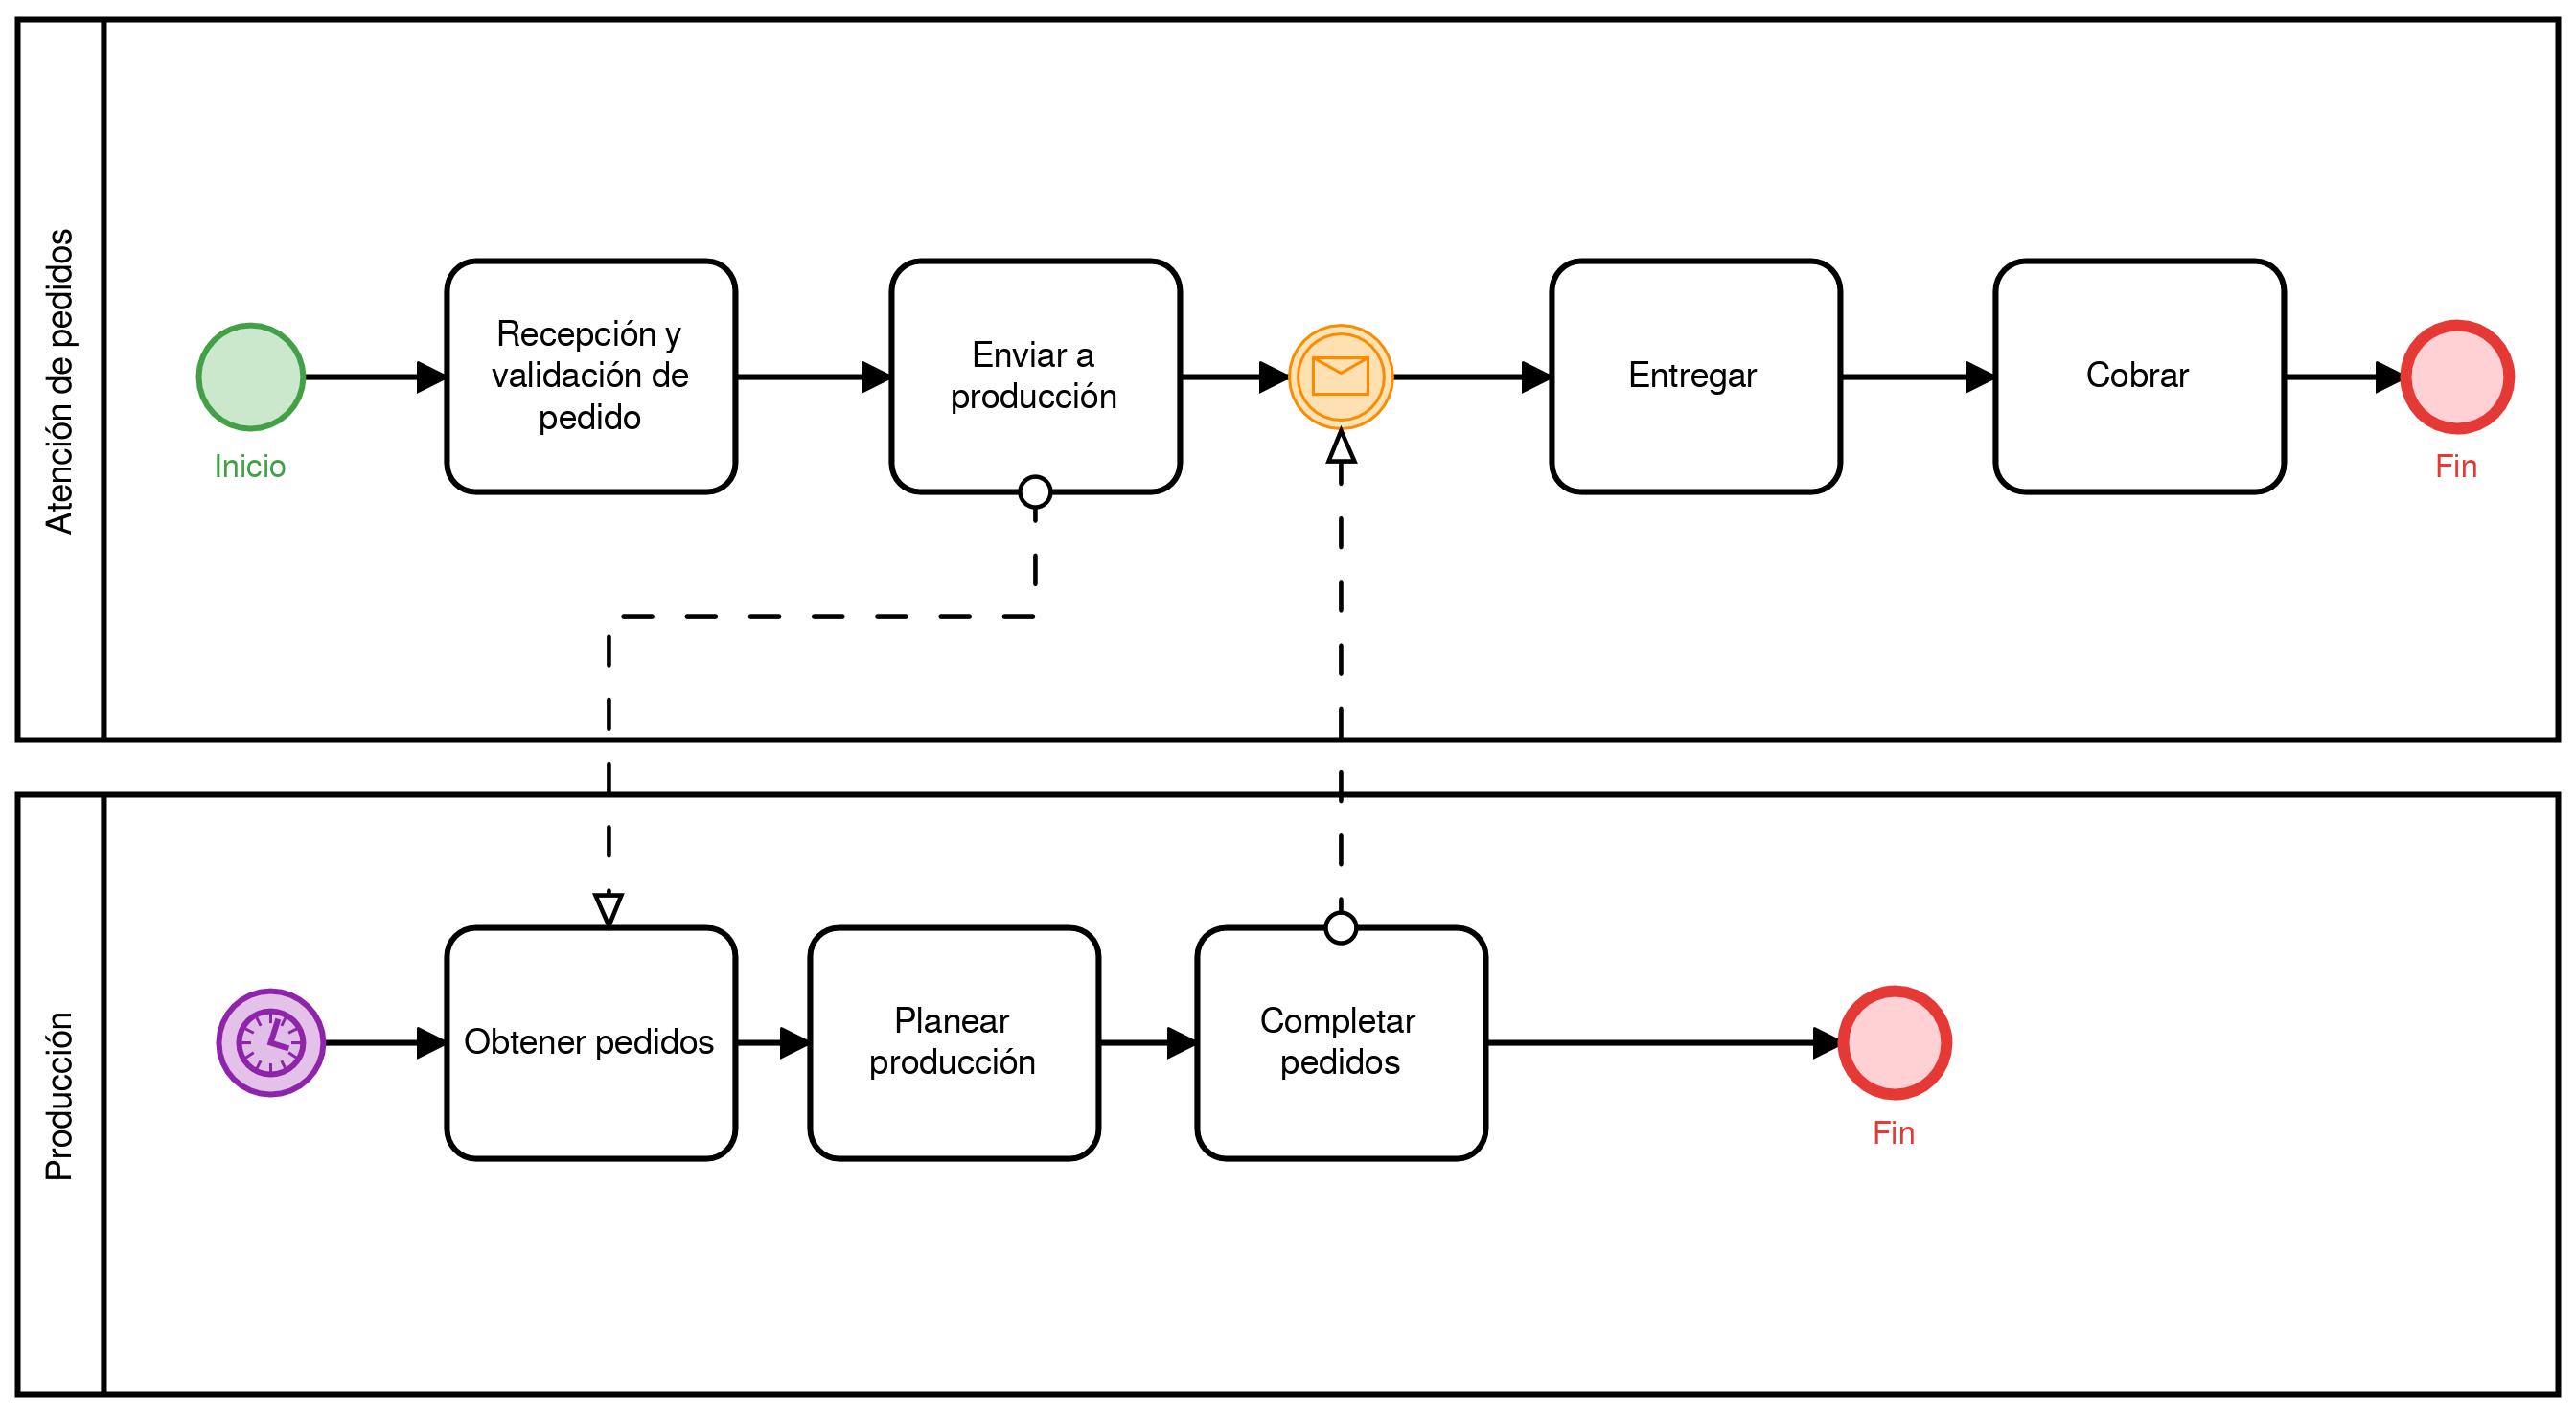 mapeo de procesos ejemplo 4